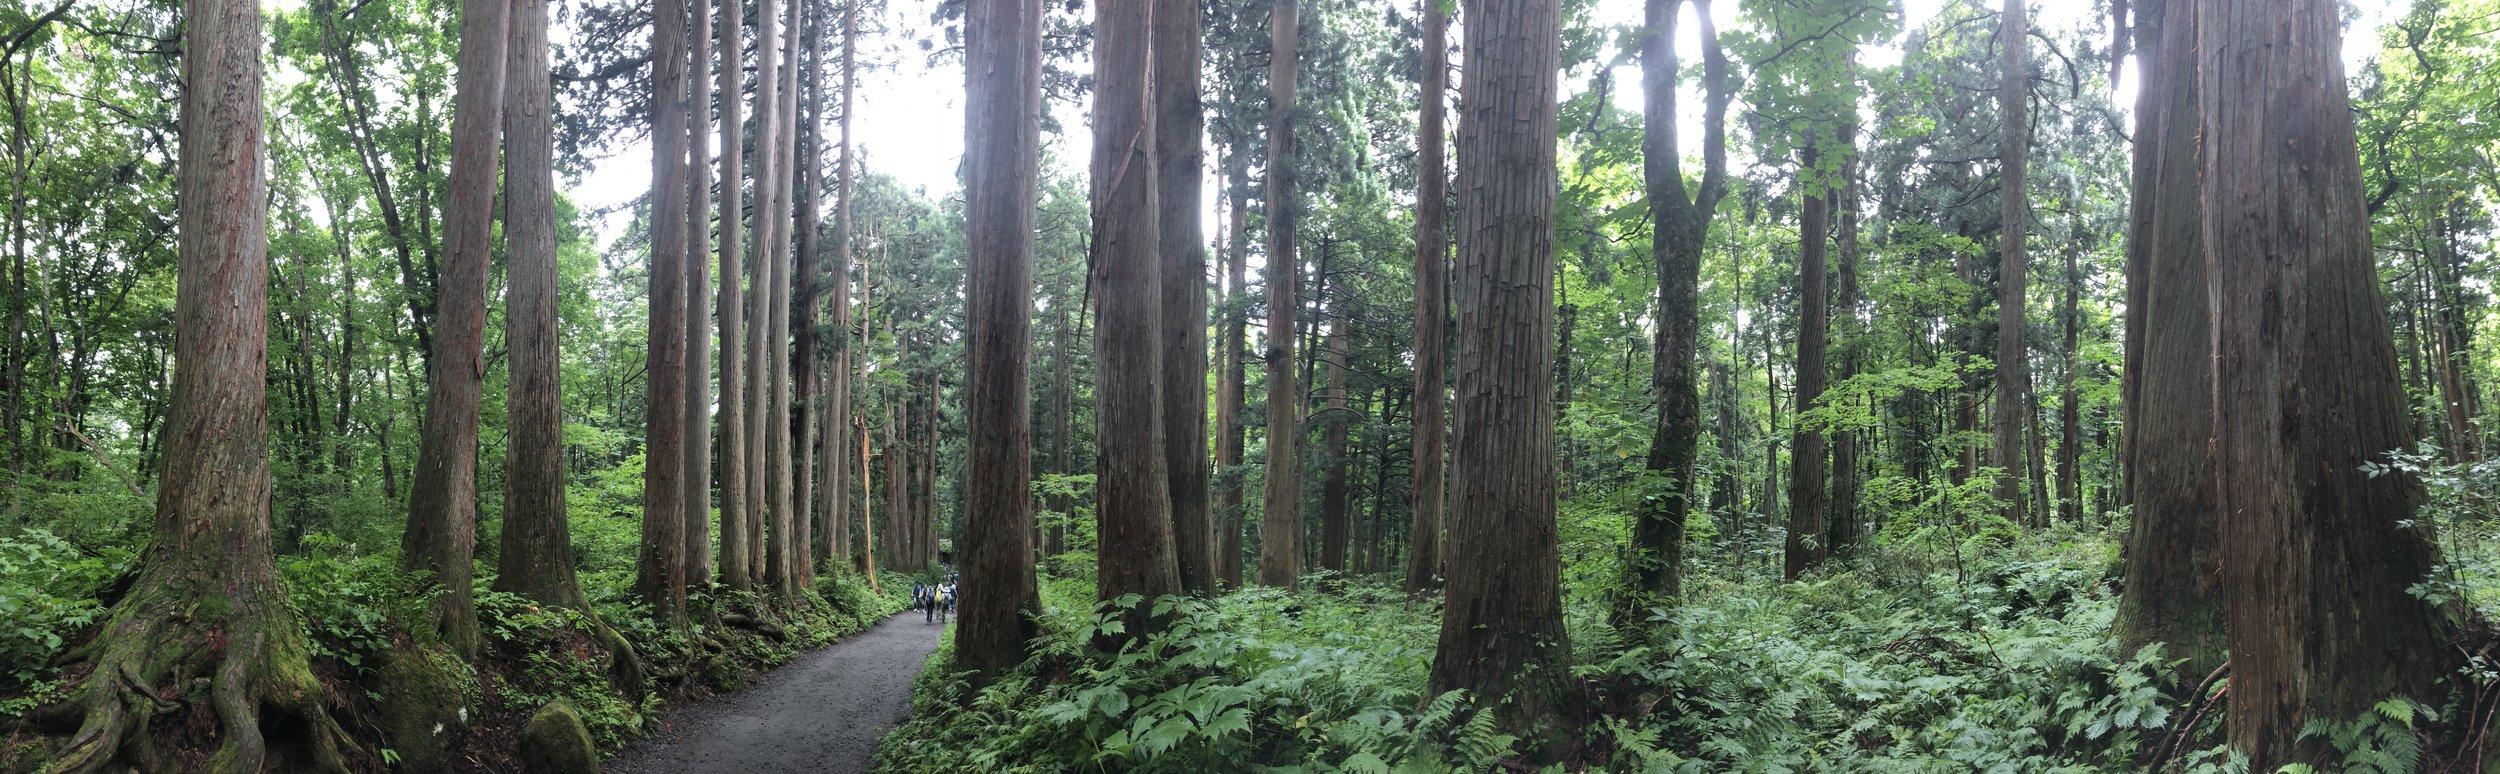 Togakushi Forest, Nagano, Japan